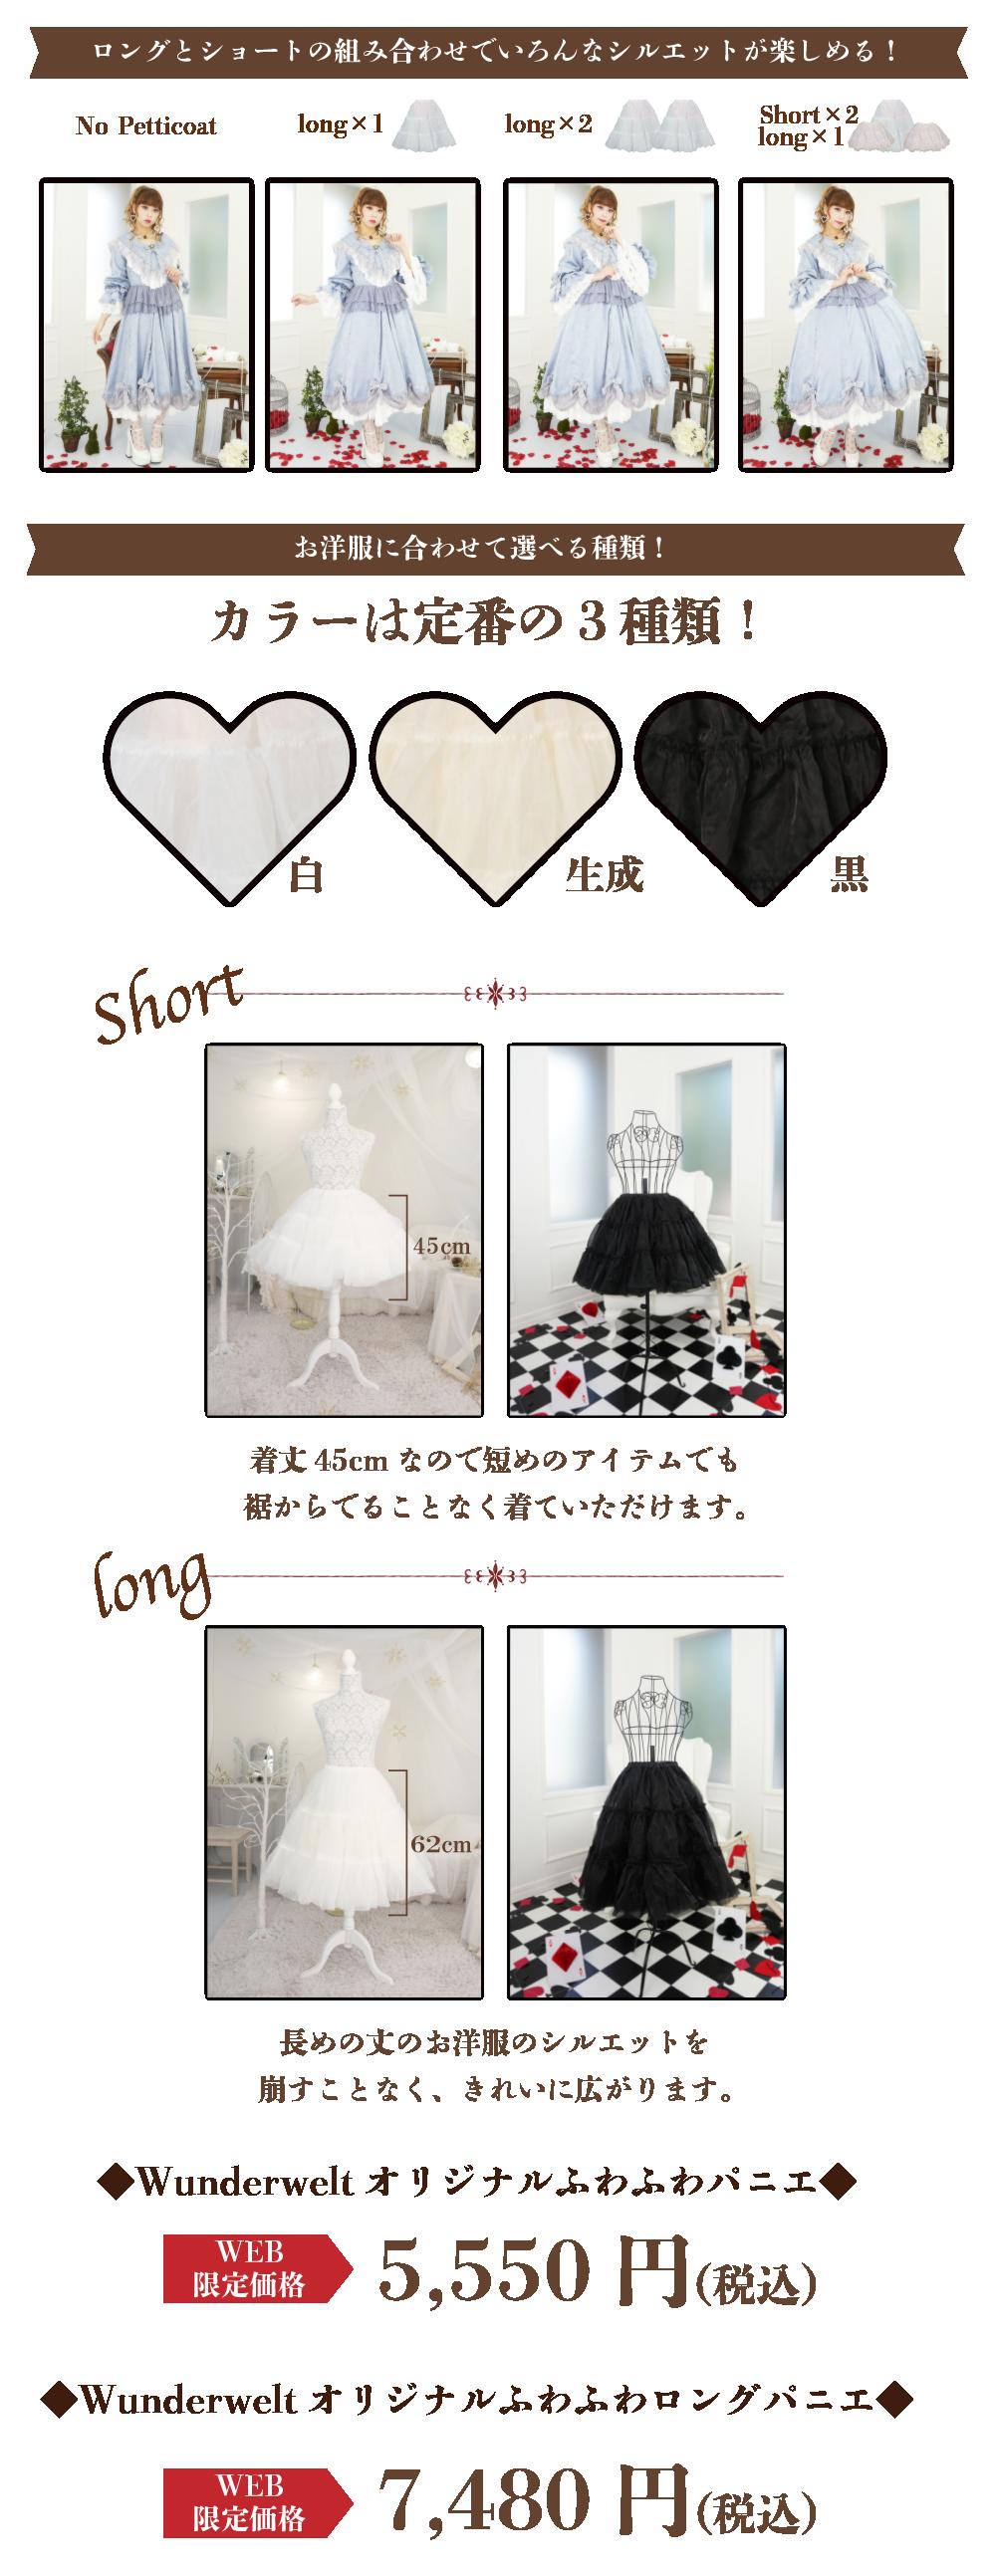 Original petticoat sp 03 ad163752bb8a7de53d1d55a538cd45630e44ff6c32503266844a862507d3f8e7